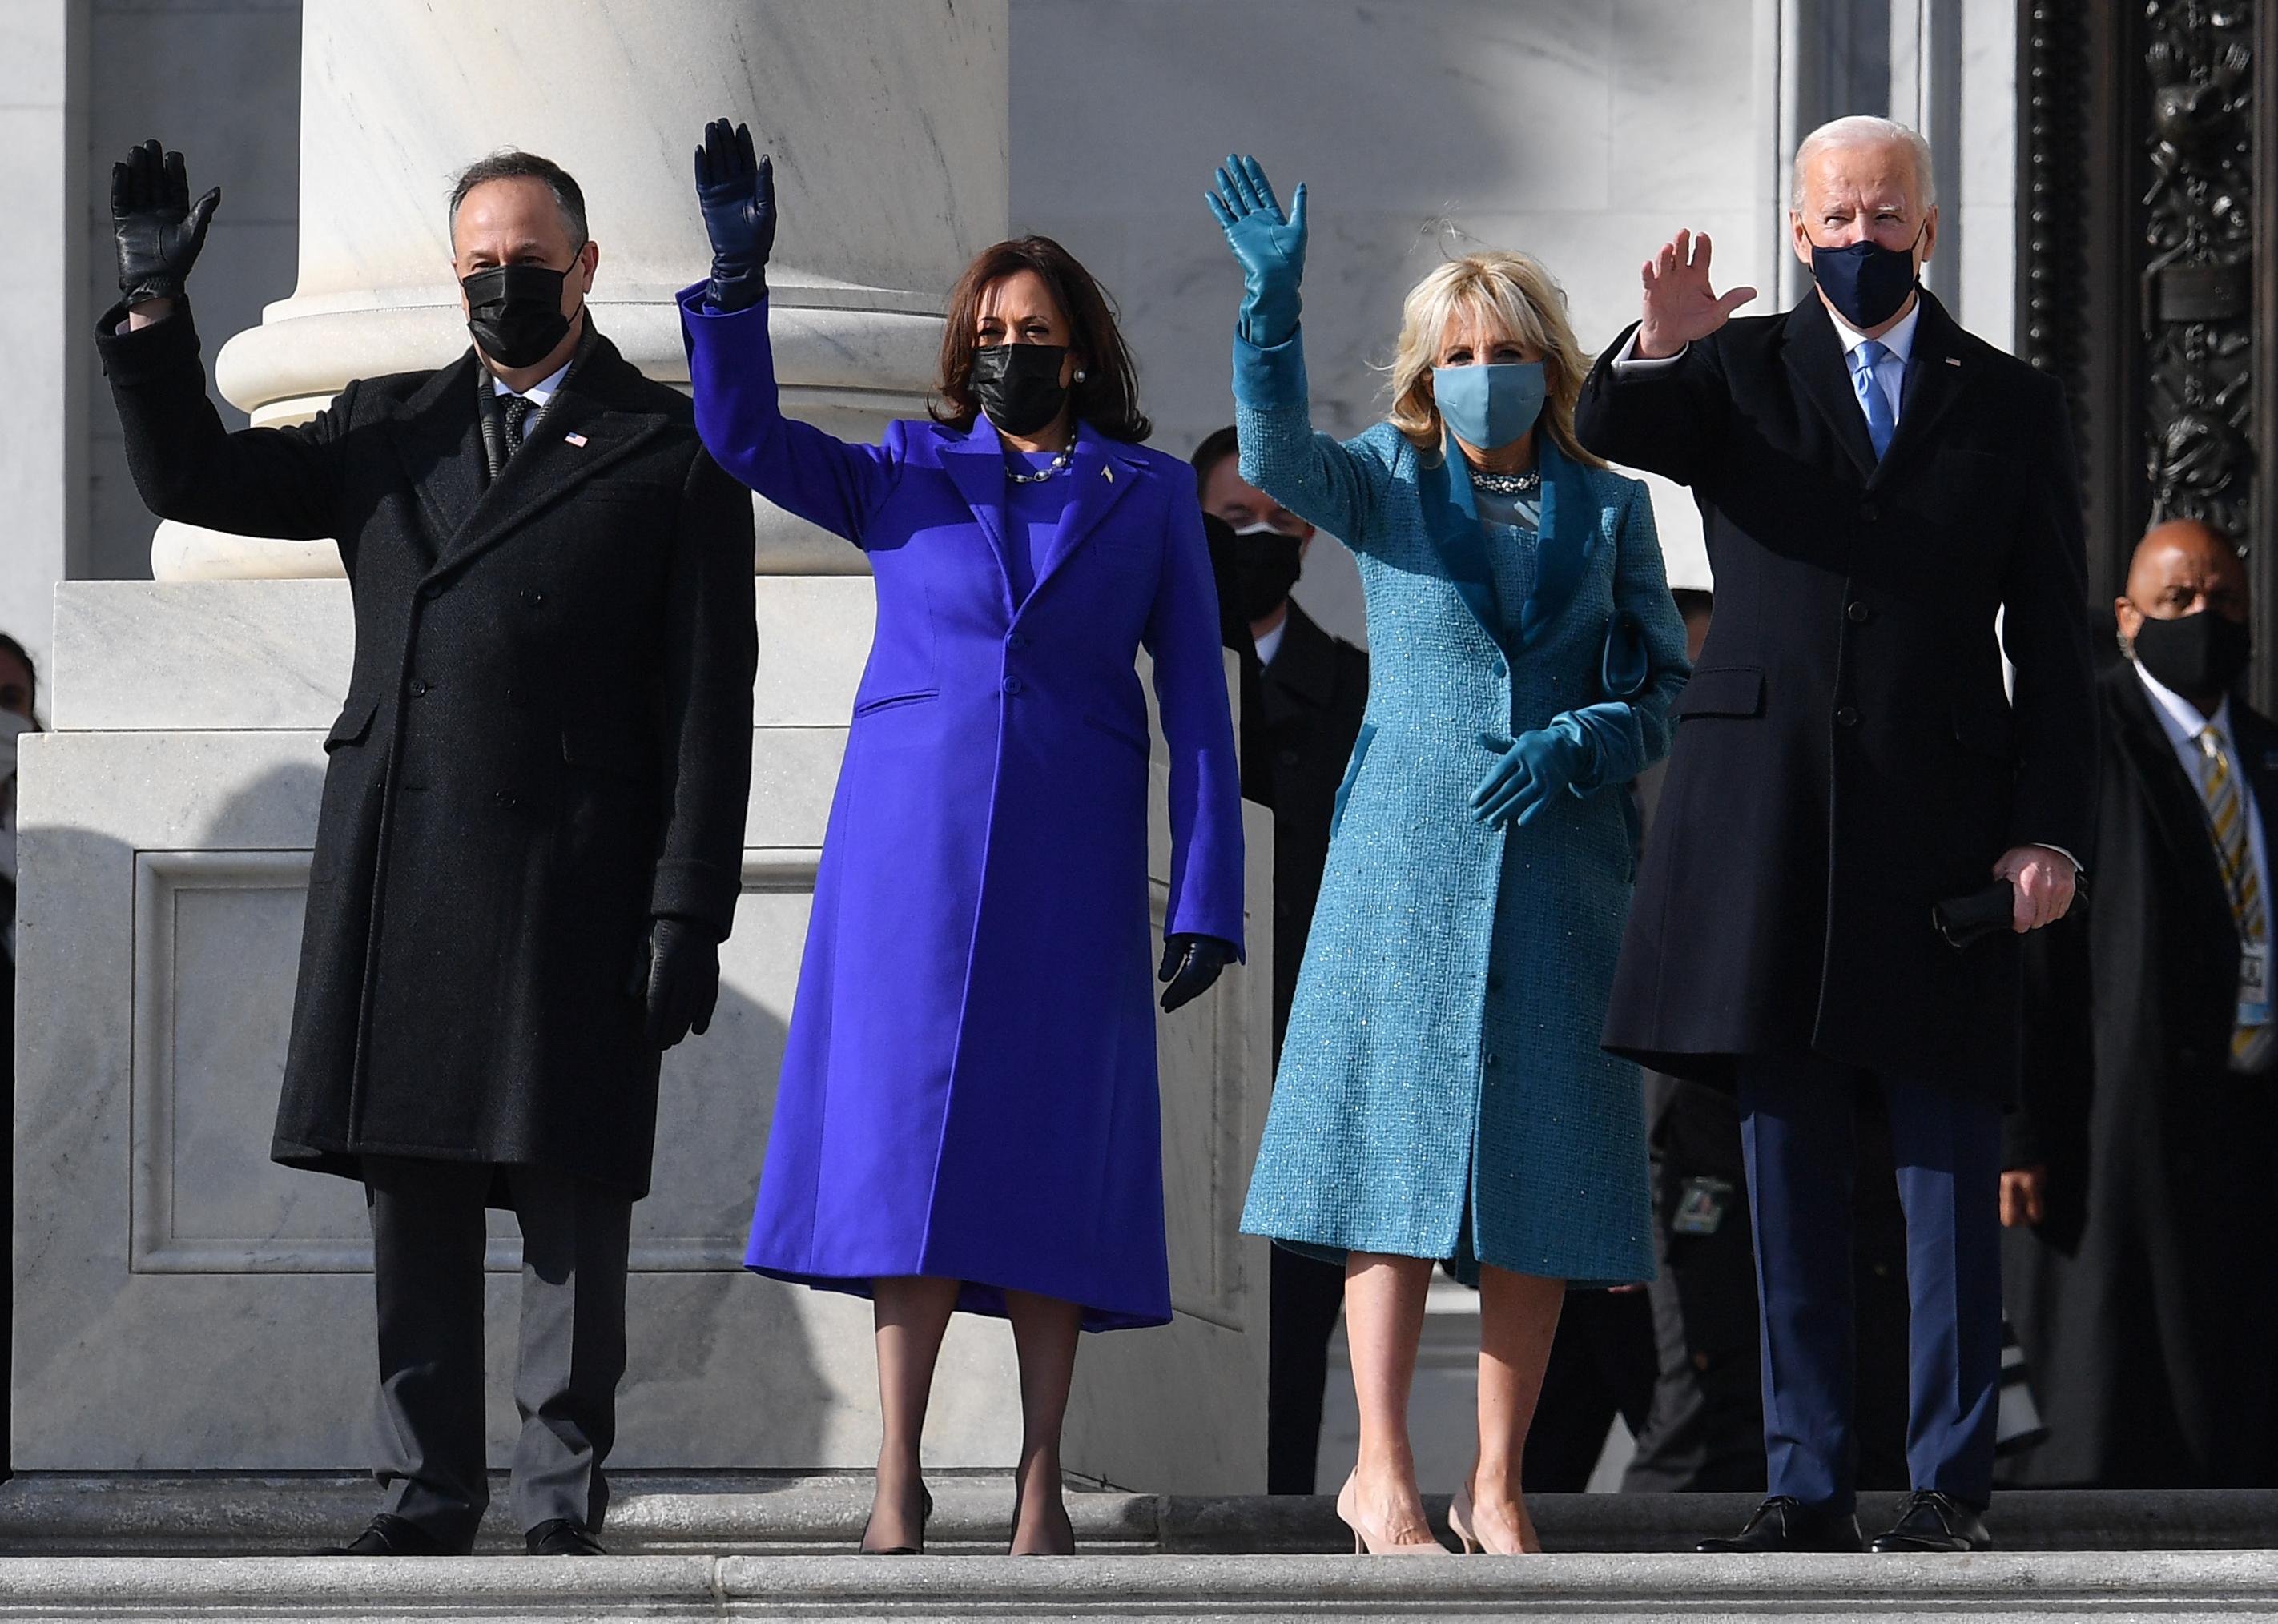 Egység, remény, nyugalom: Joe Biden beiktatásán a ruháknak szimbolikus üzenete volt